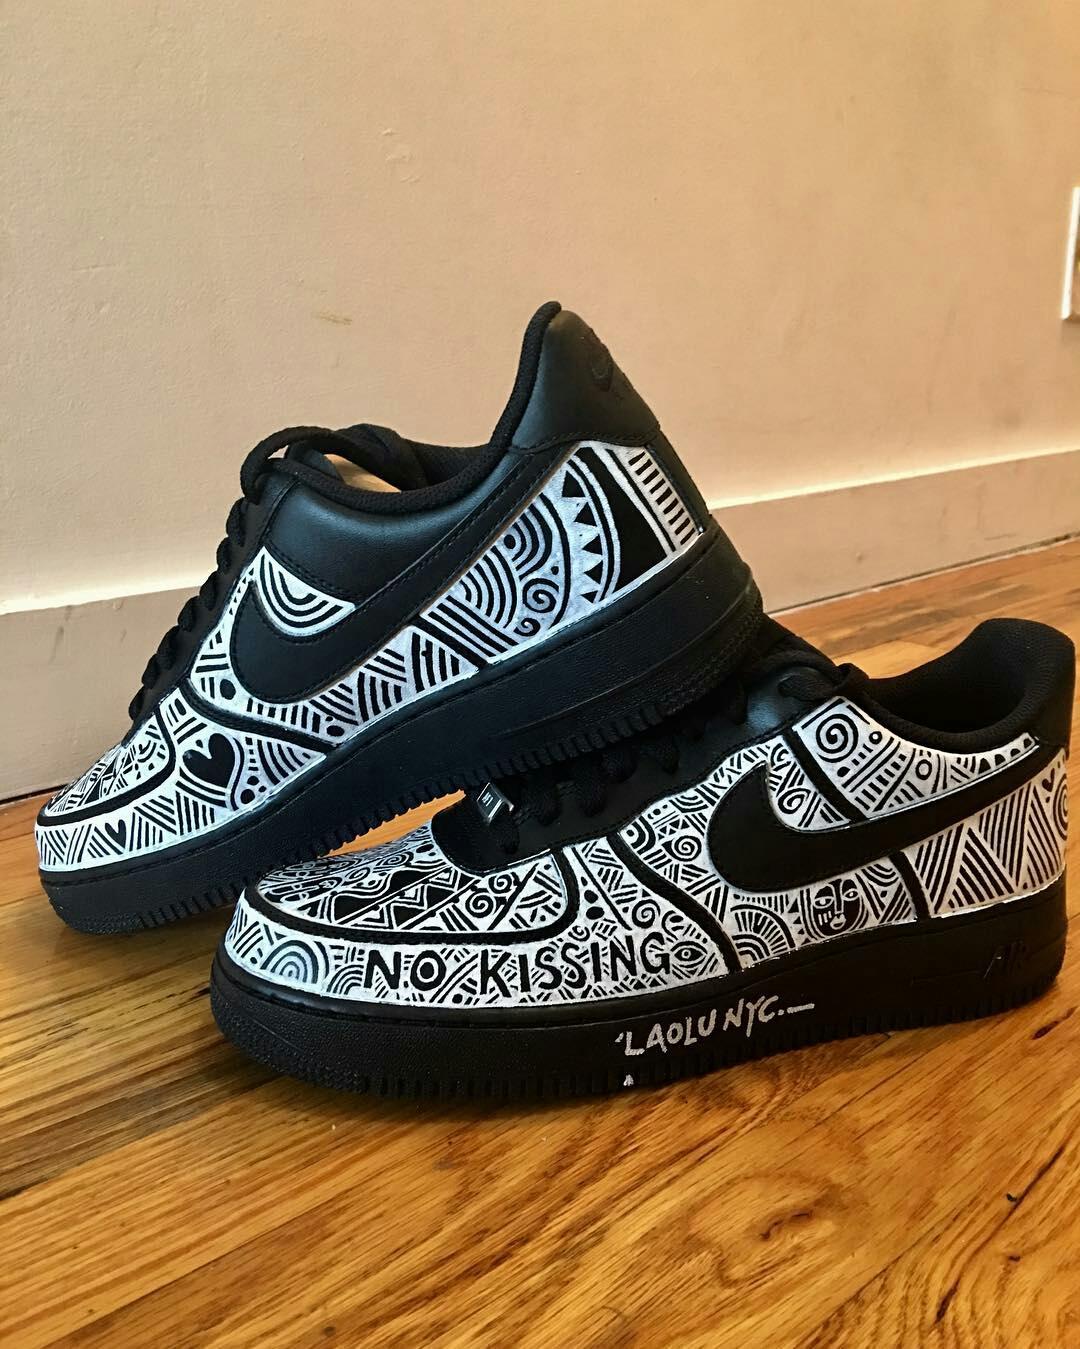 Laolu's work on a pair of Nike sneakers